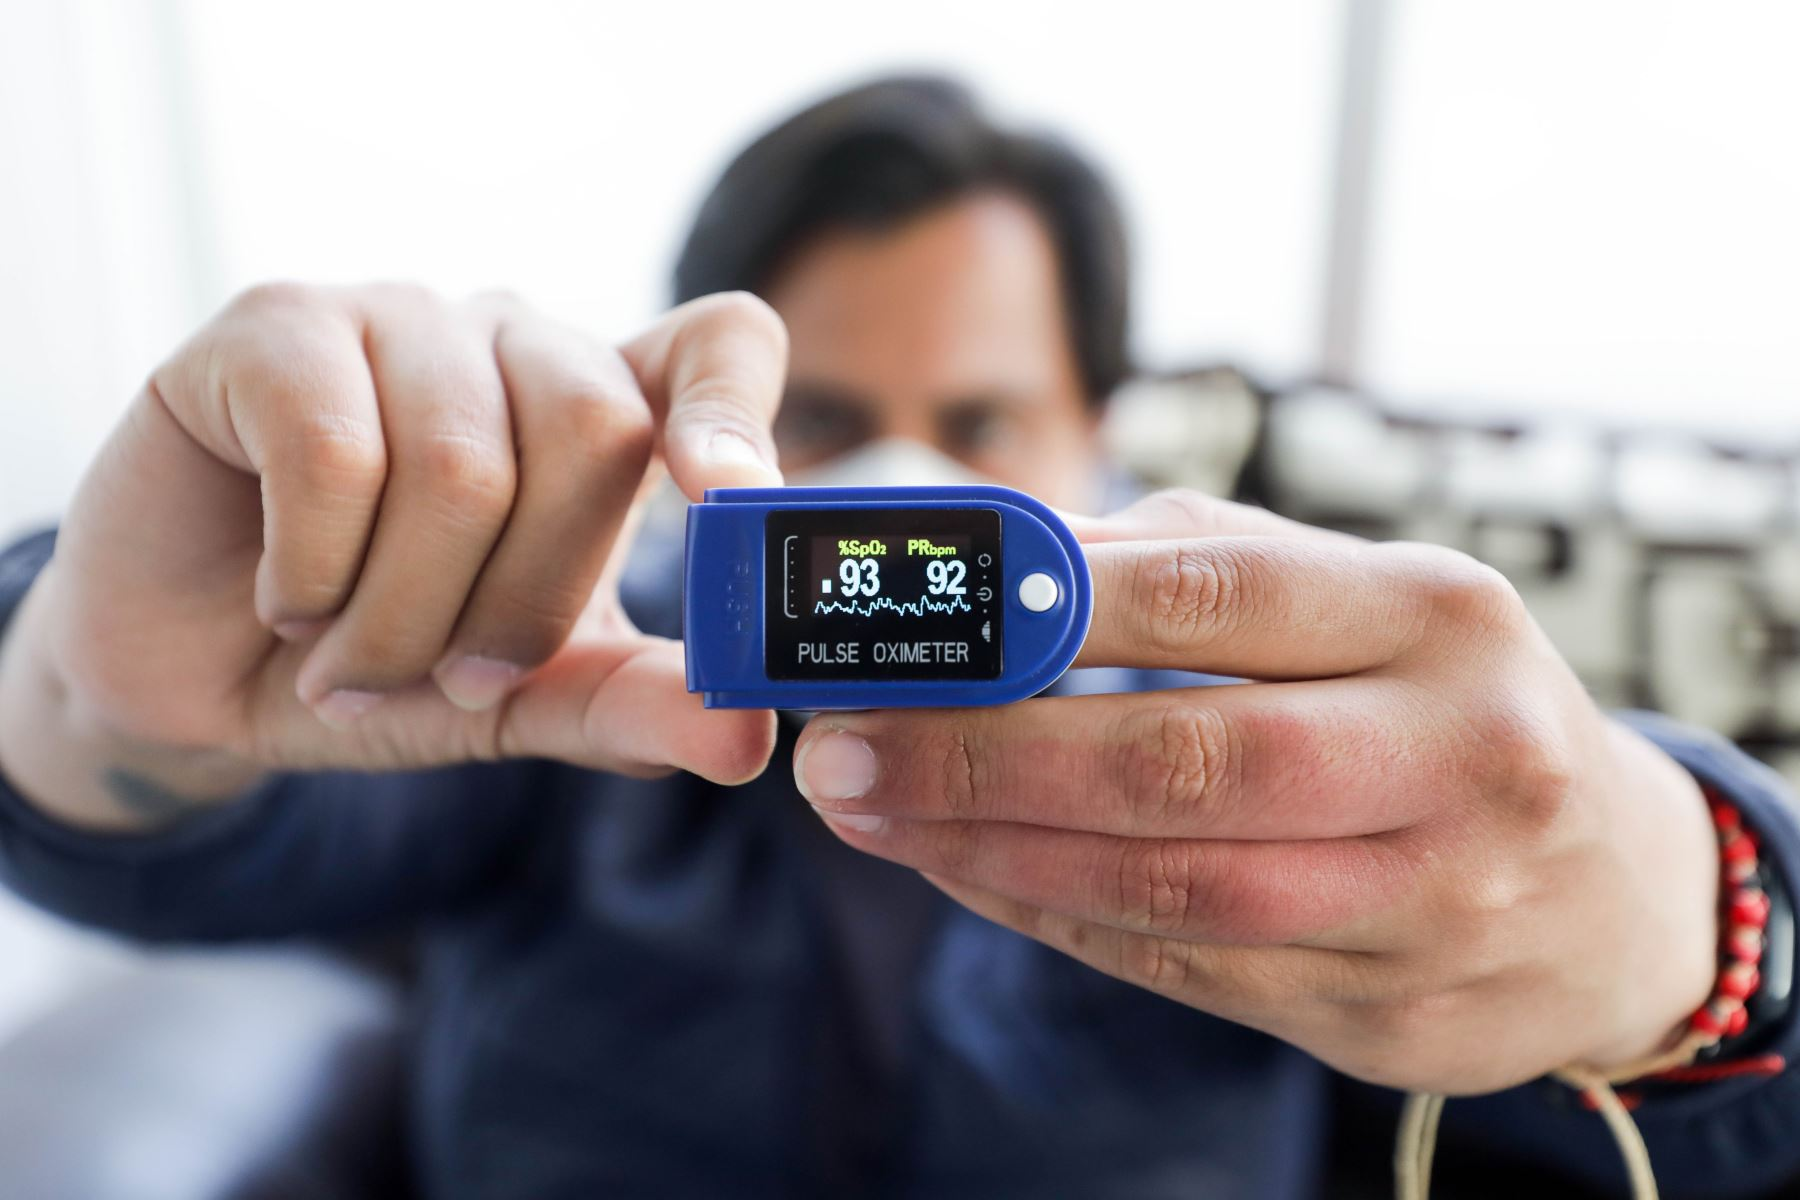 El pulsioxímetro u oxímetro de pulso se ha convertido en una gran ayuda para hacerlo, sobre todo cuando hay condiciones de alarma. Foto: ANDINA/Difusión